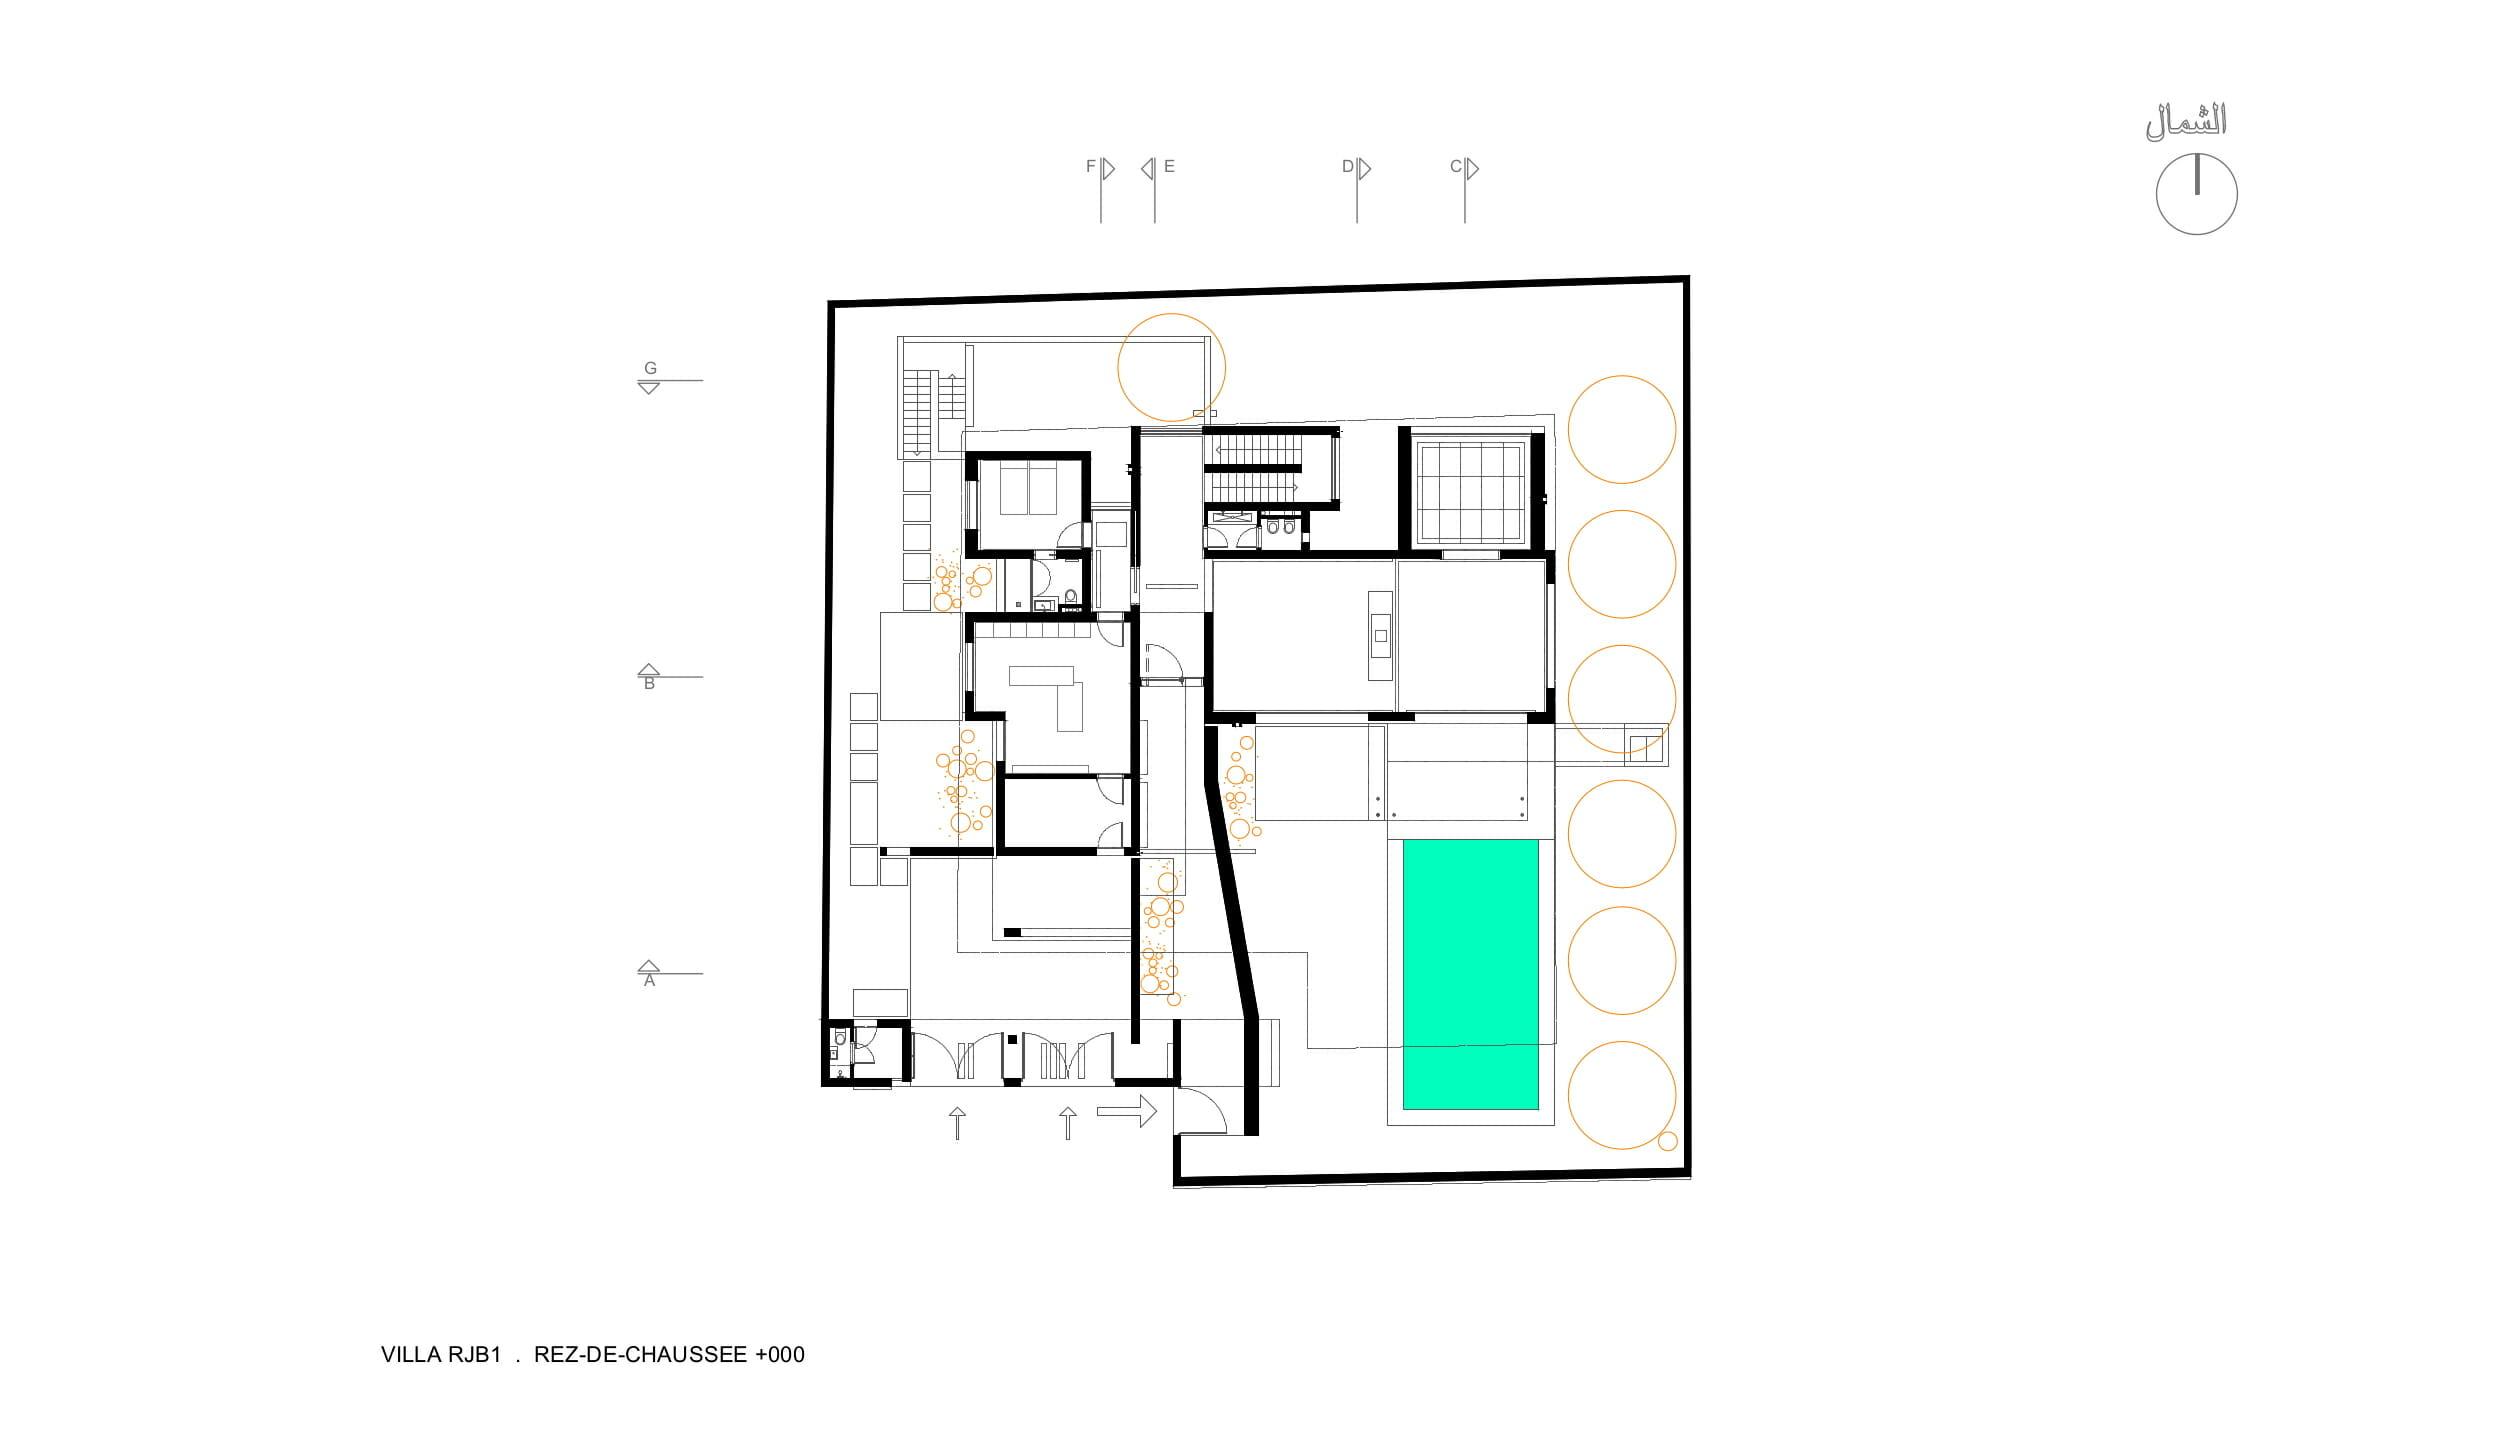 RJB1-plan 01-rdc